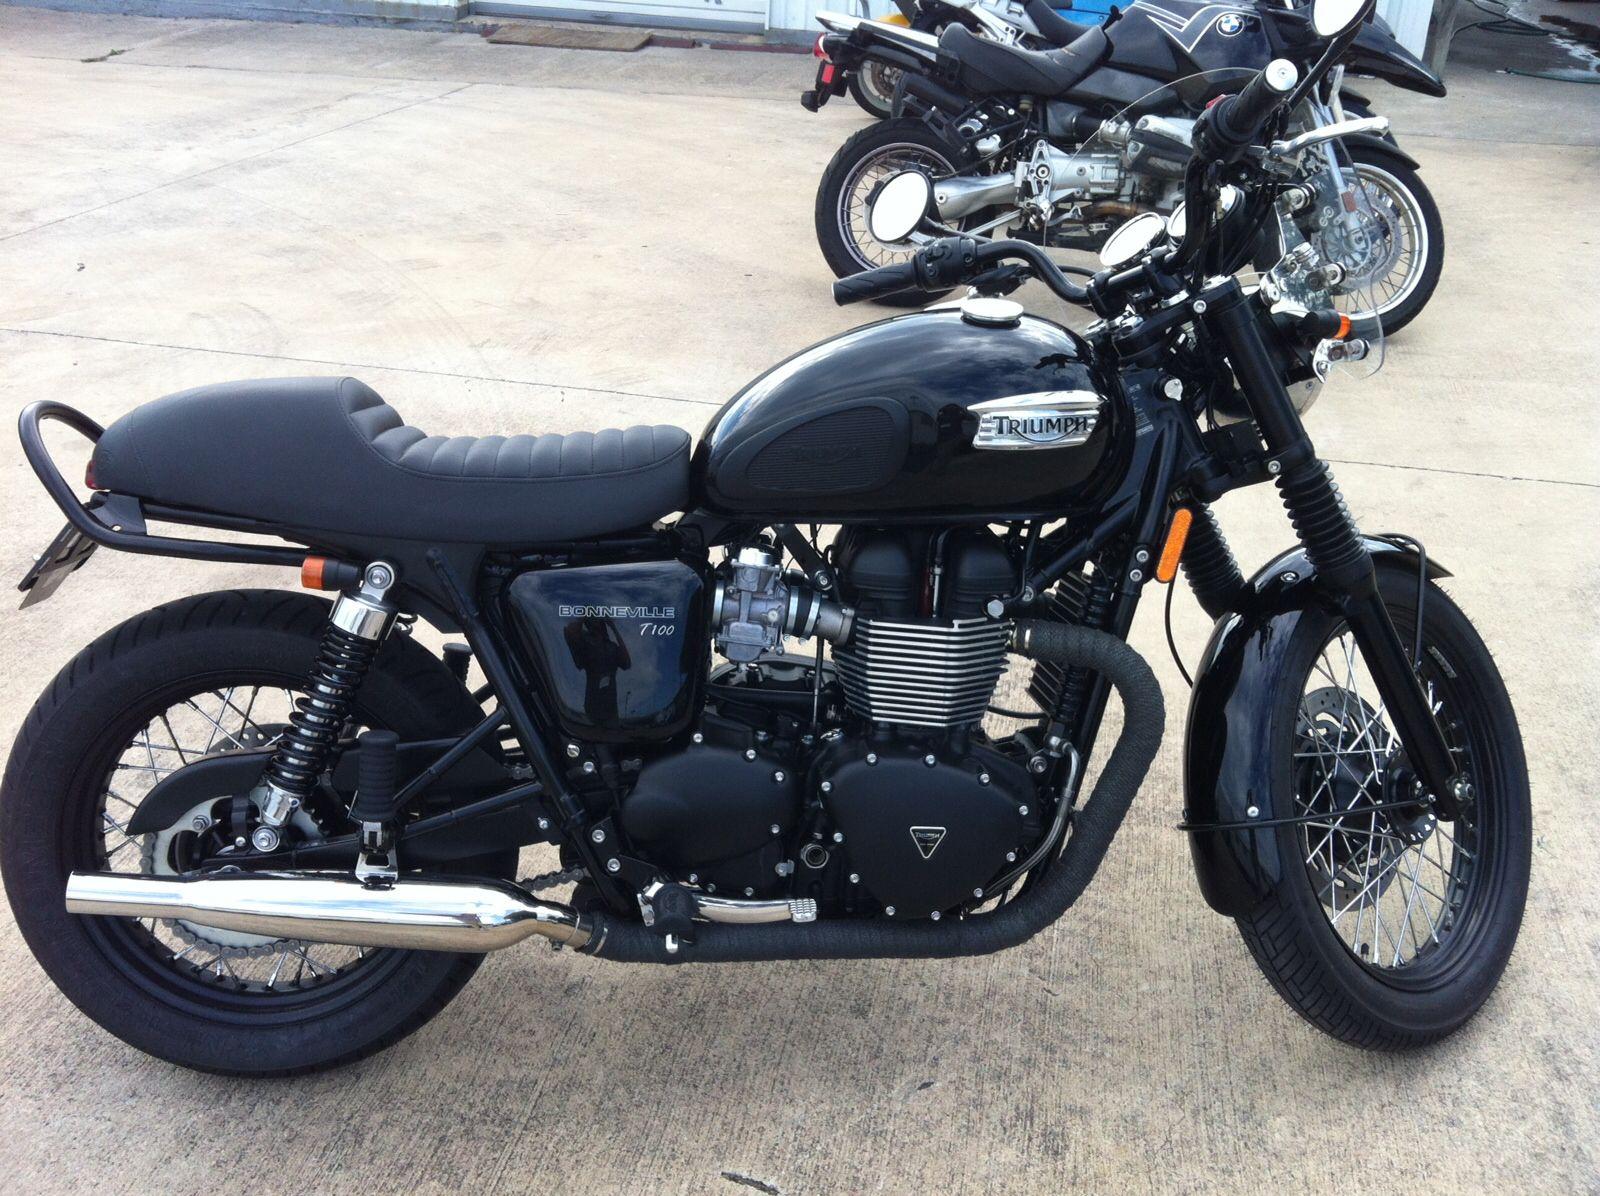 Triumph Bonneville T100 Black with British Customs Cafe ...